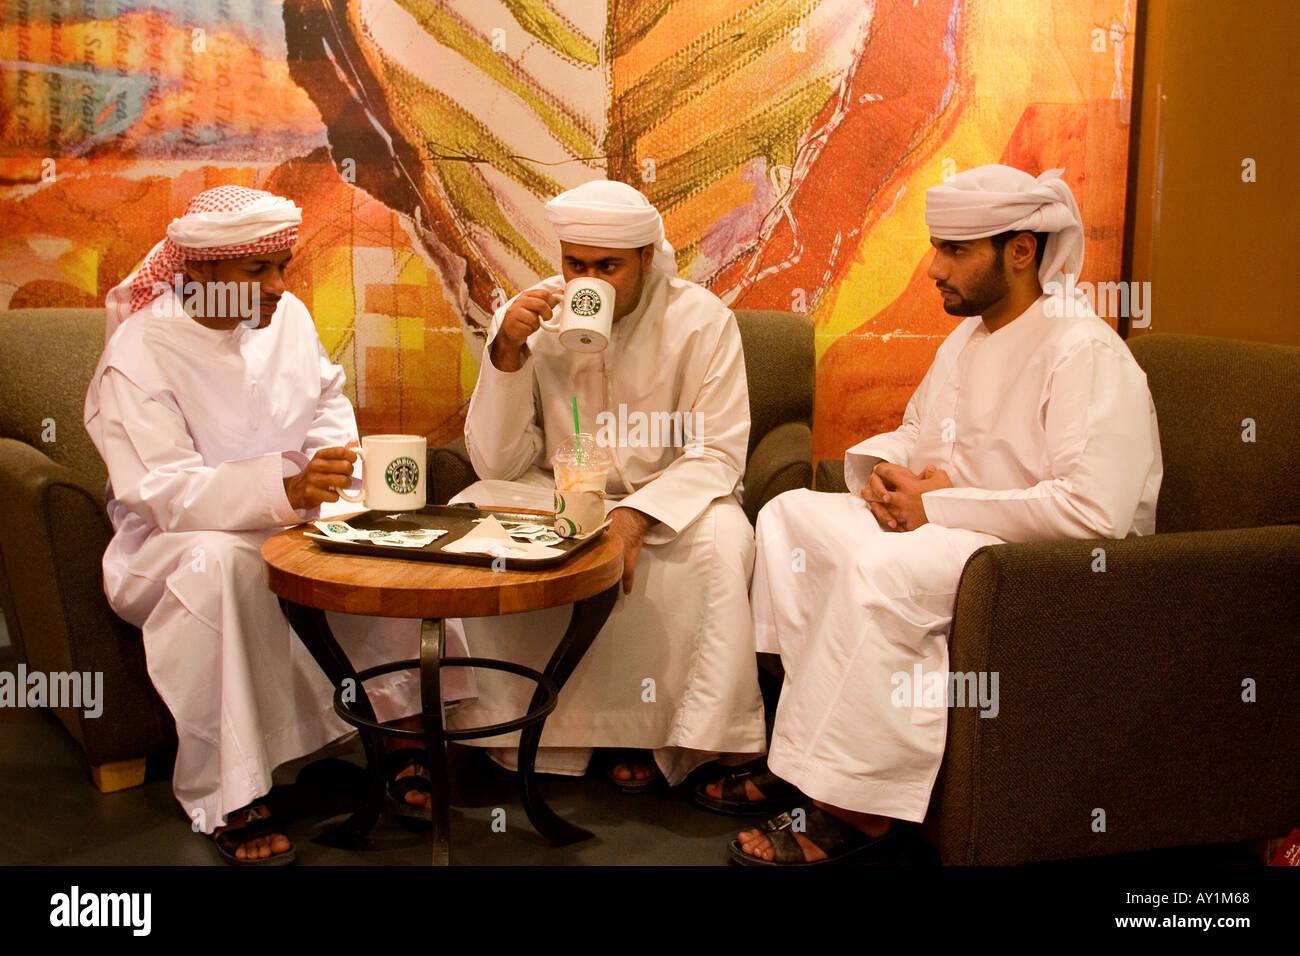 Los jóvenes hombres árabes con la vestimenta tradicional sentado en Starbucks Cafe en el centro comercial de Deira, Dubai, Emiratos Árabes Unidos Imagen De Stock